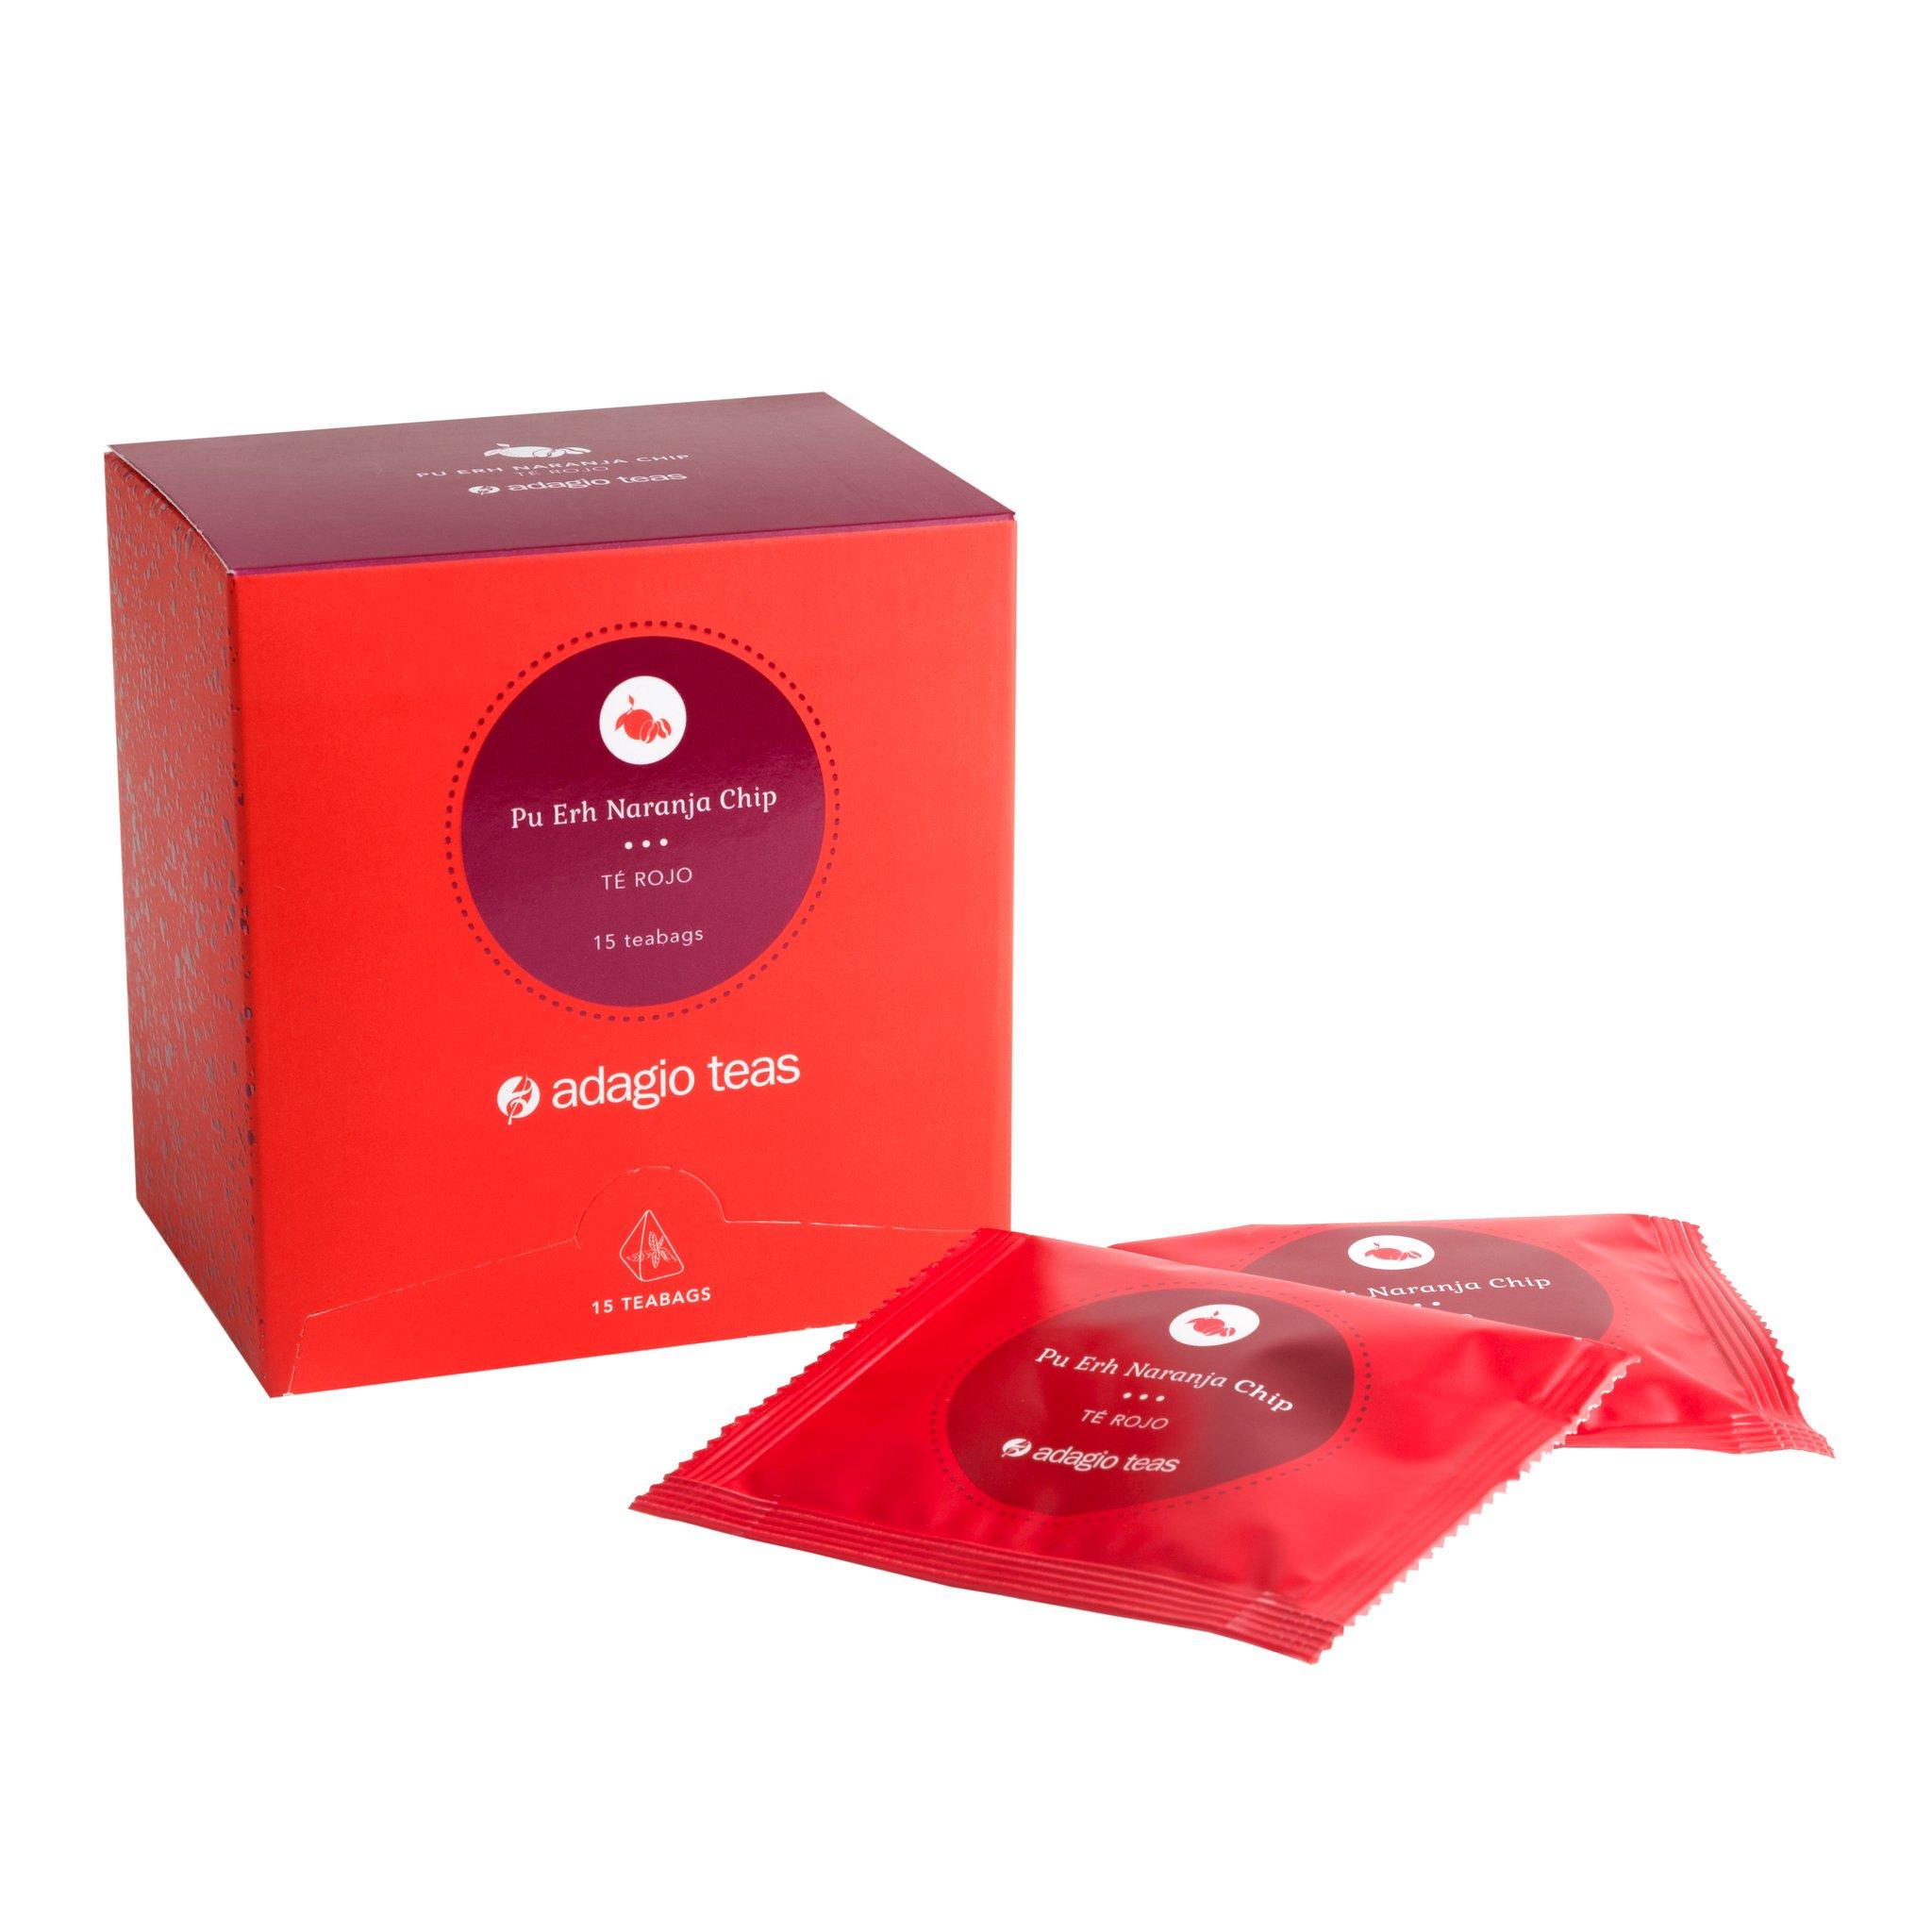 Caja 15 Teabags Pu Erh Naranja Chip